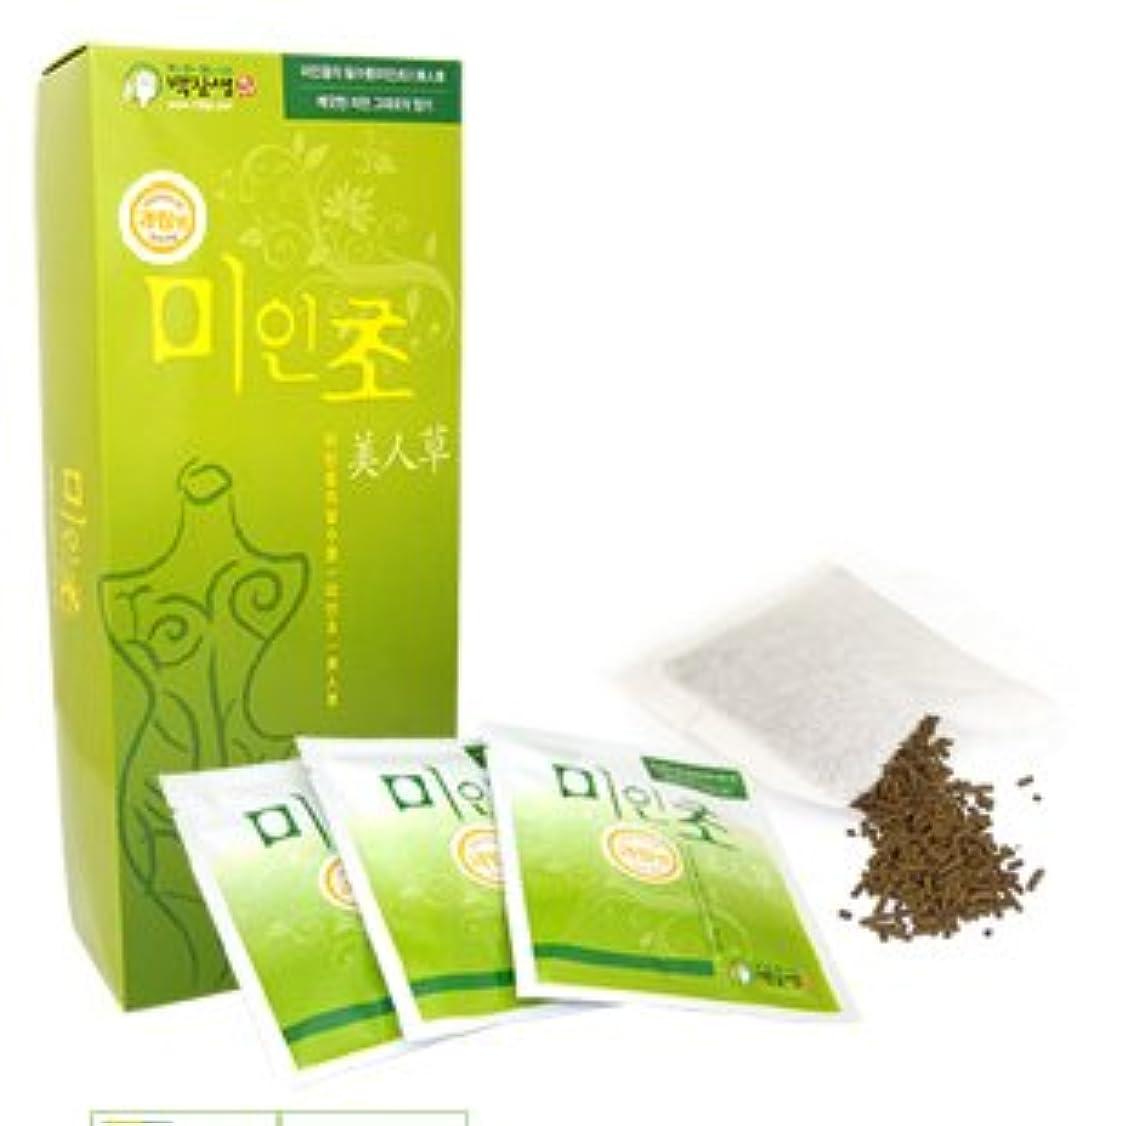 ビット助けて宿題韓国コスメ-美人草1ケース-韓国美肌韓国漢方草-入浴剤